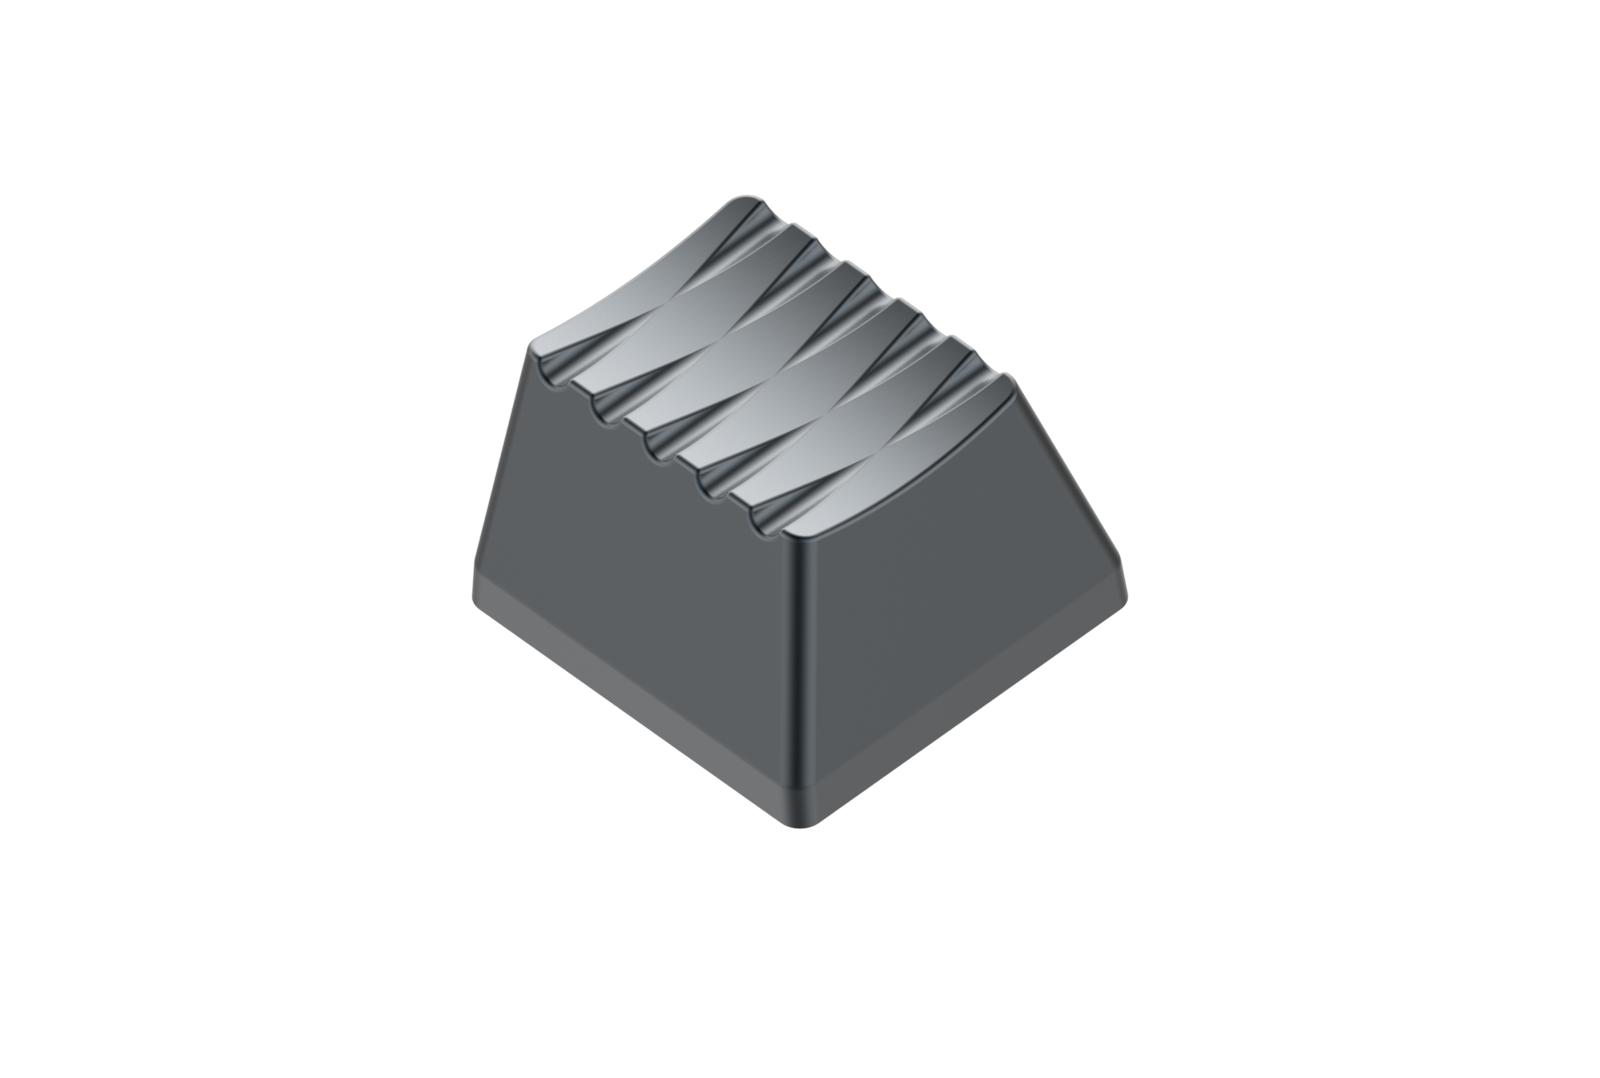 RAMA-KEYCAP-RENDER-R003.265.png